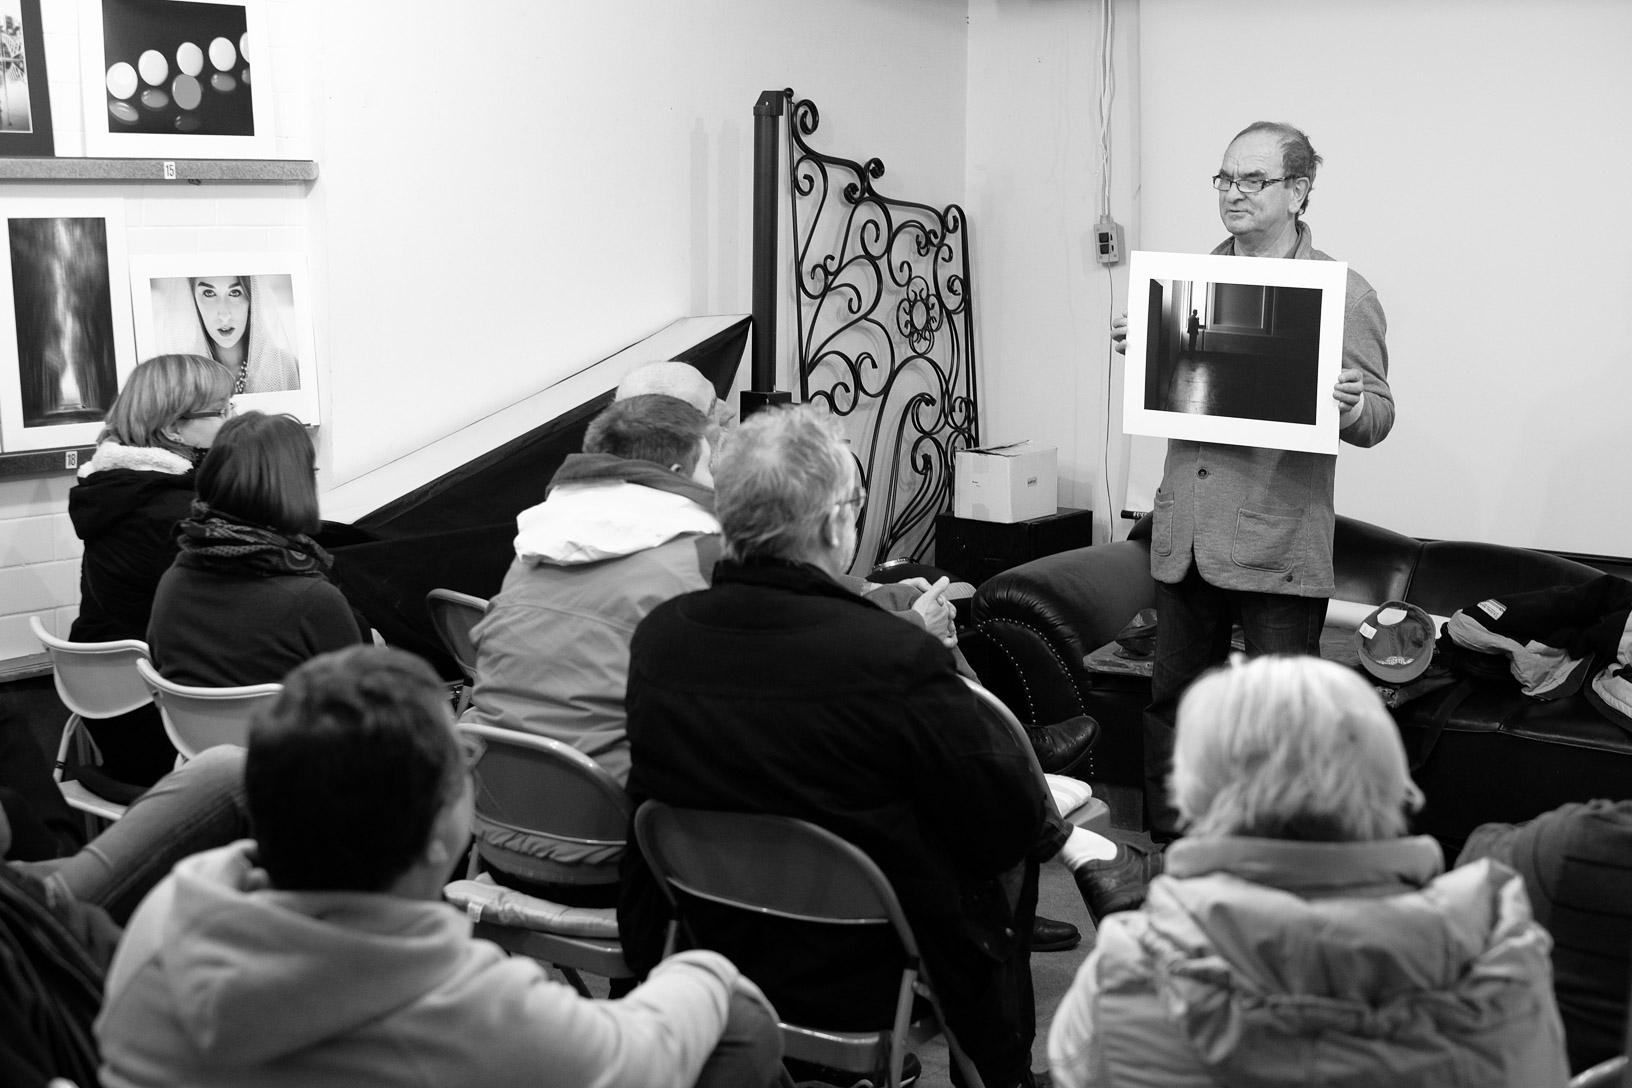 Der Sinn oder Unsinn eines Fotoclubs: Bildkritikabend, Exkursion und Stammtisch